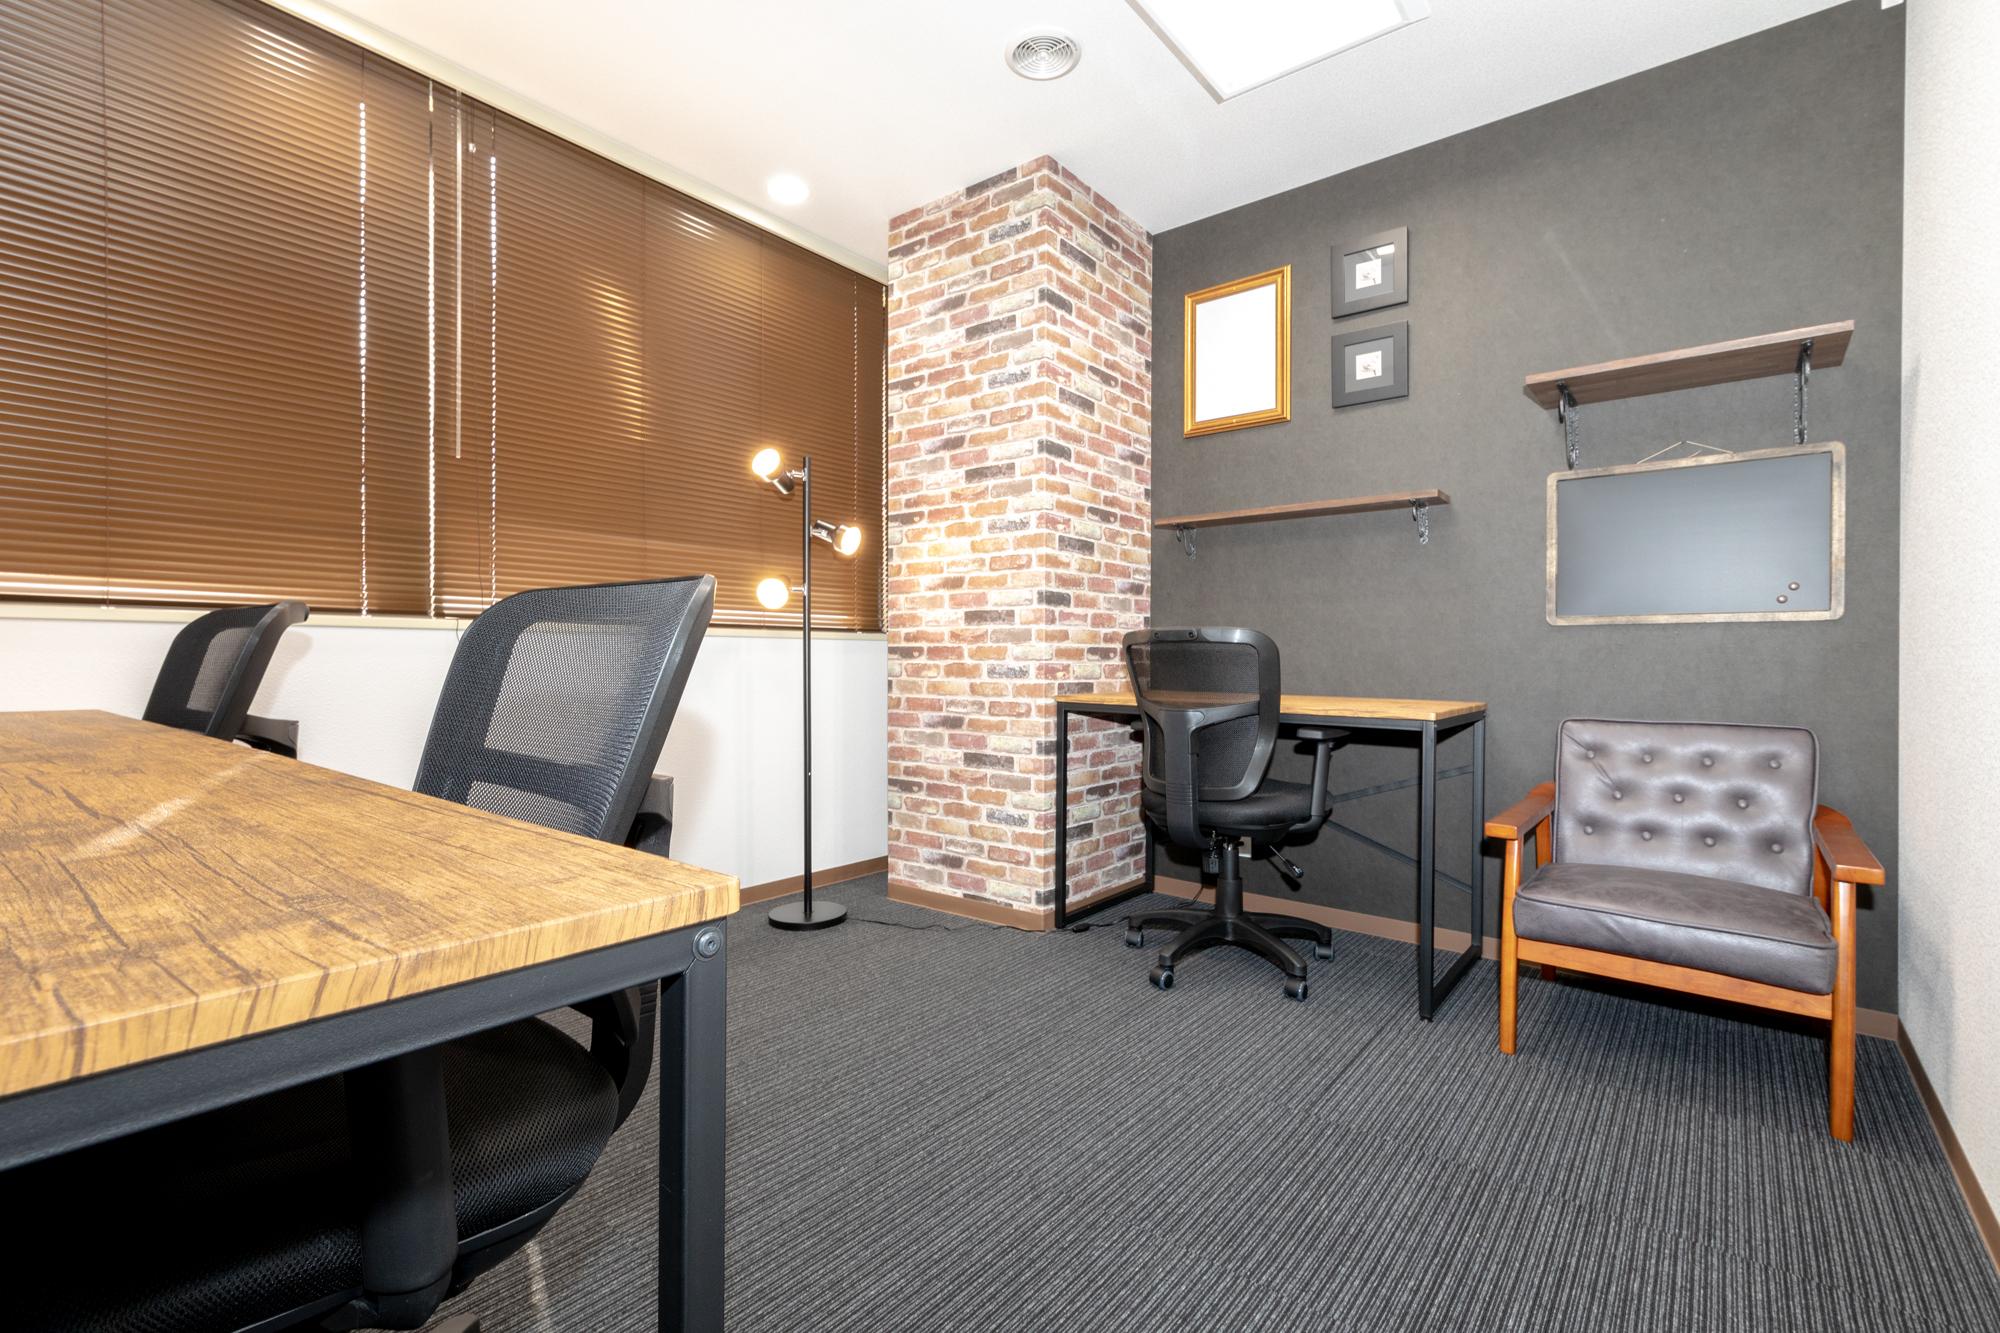 南向きの窓有り3名用完全個室《デザインオフィス》